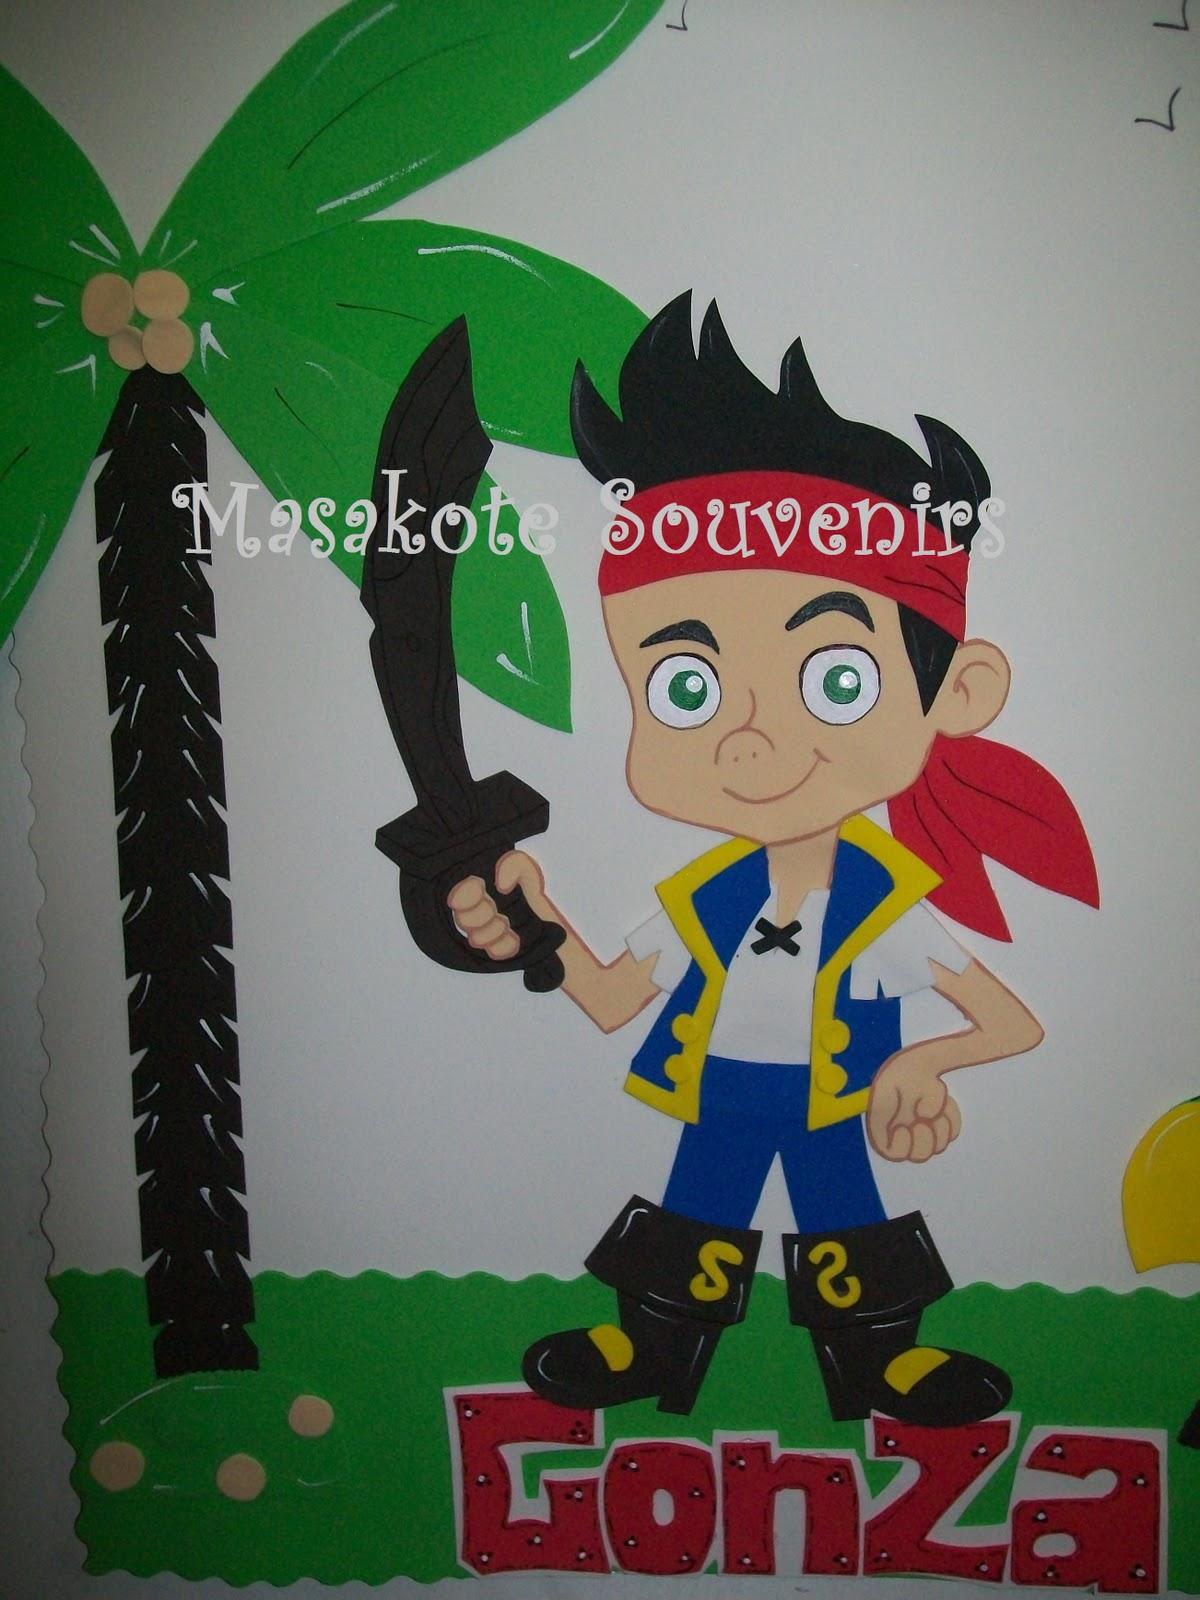 Decoraci n jake y los piratas de nunca jam s pictures to pin on - Jake Y Los Piratas Del Nunca Jam S